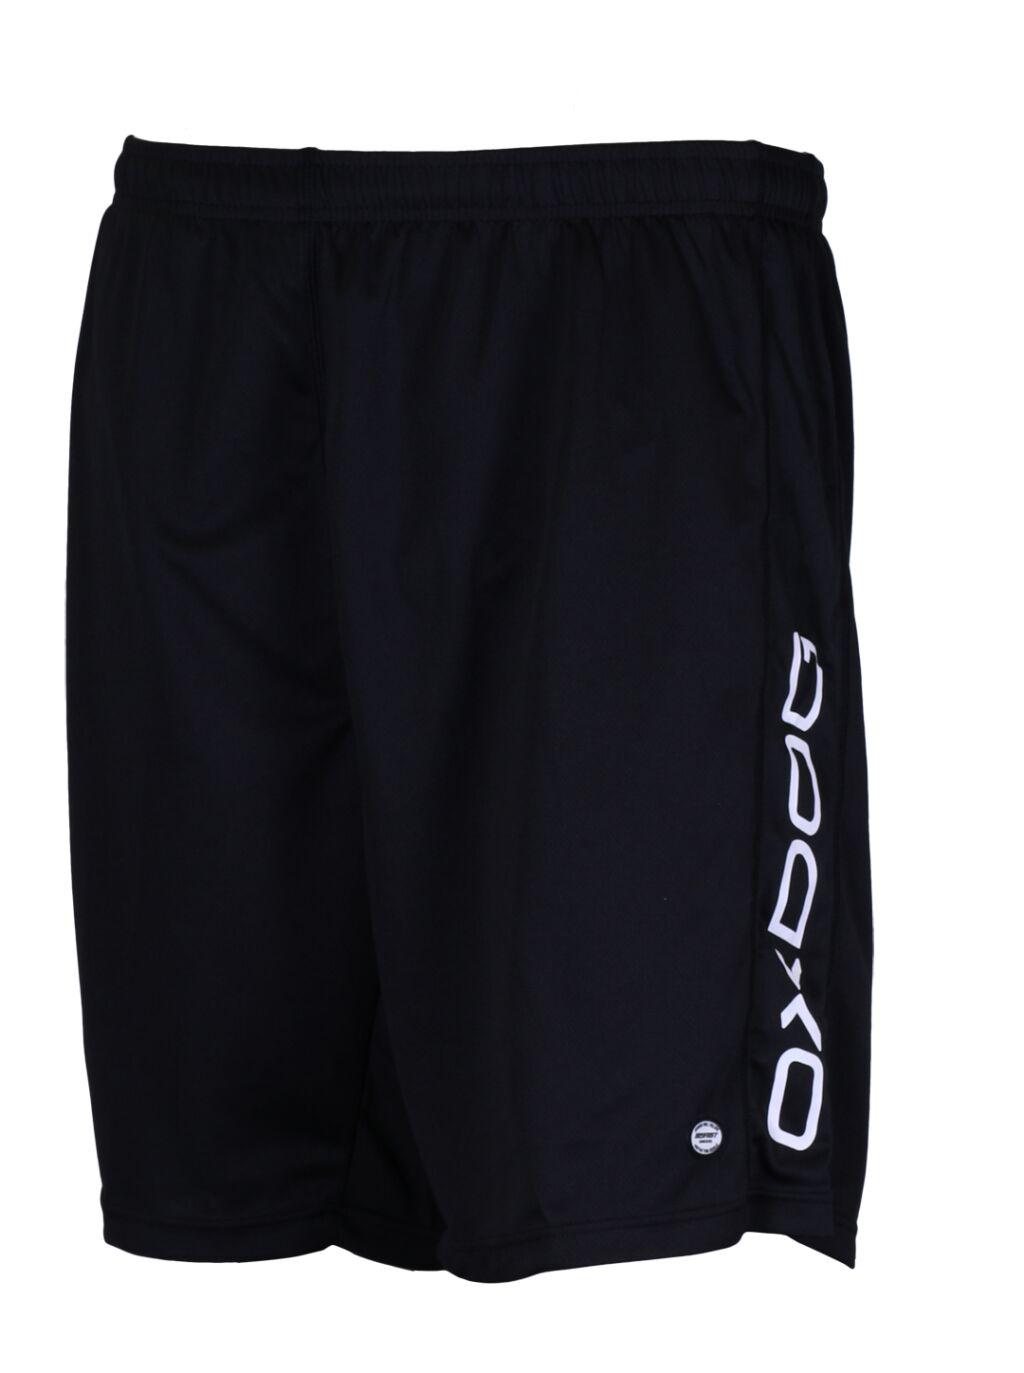 Oxdog Avalon shorts